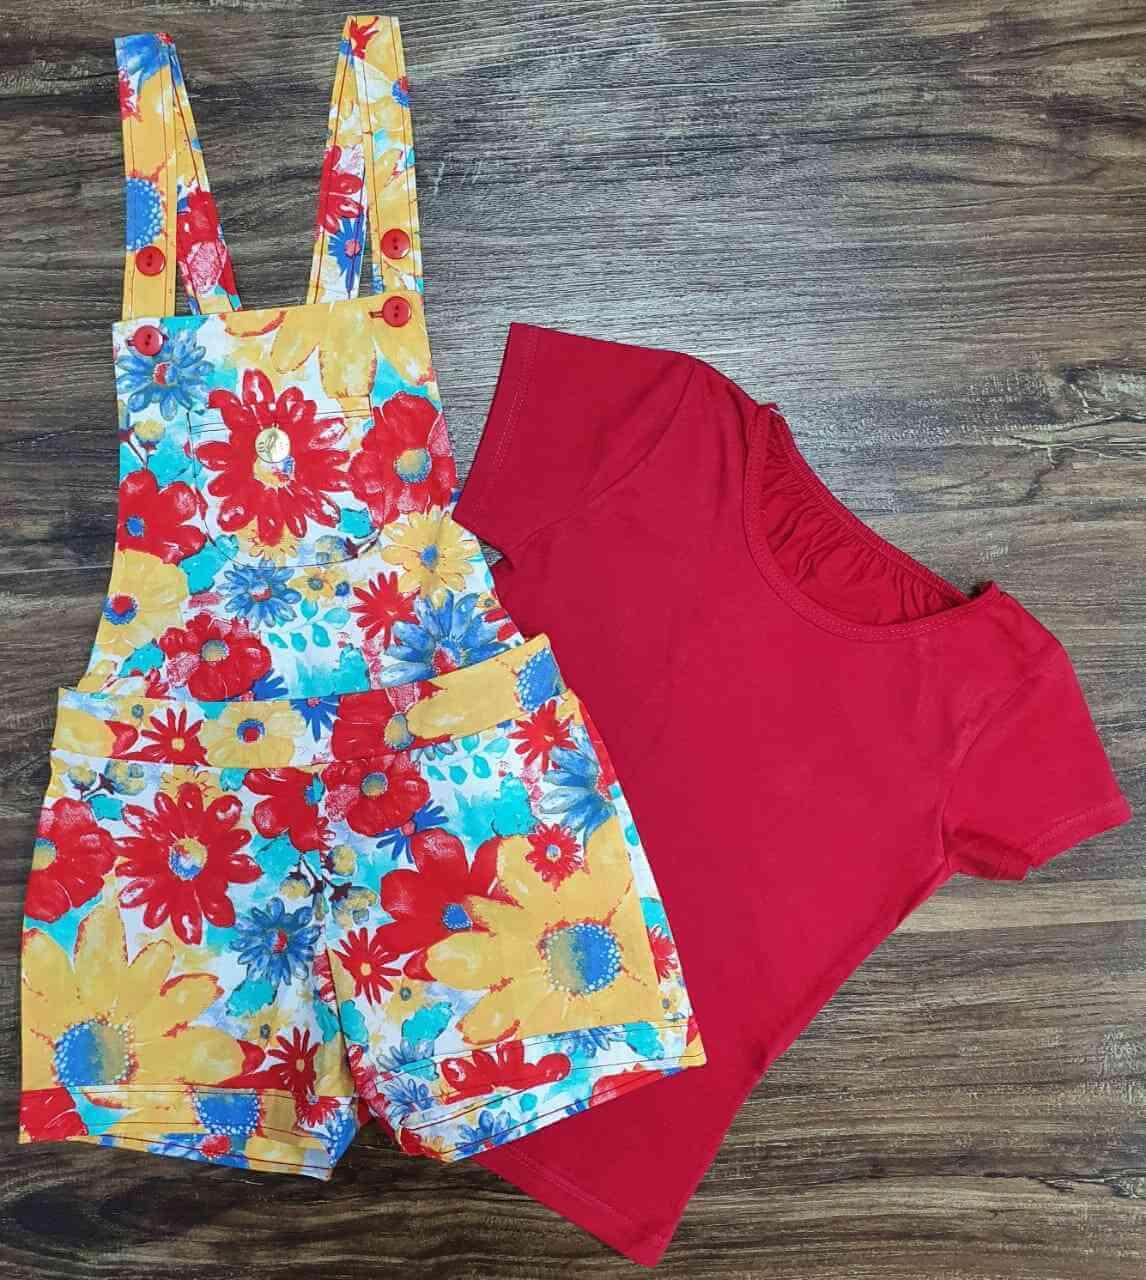 Camiseta Vermelha com Jardineira de Flores Infantil